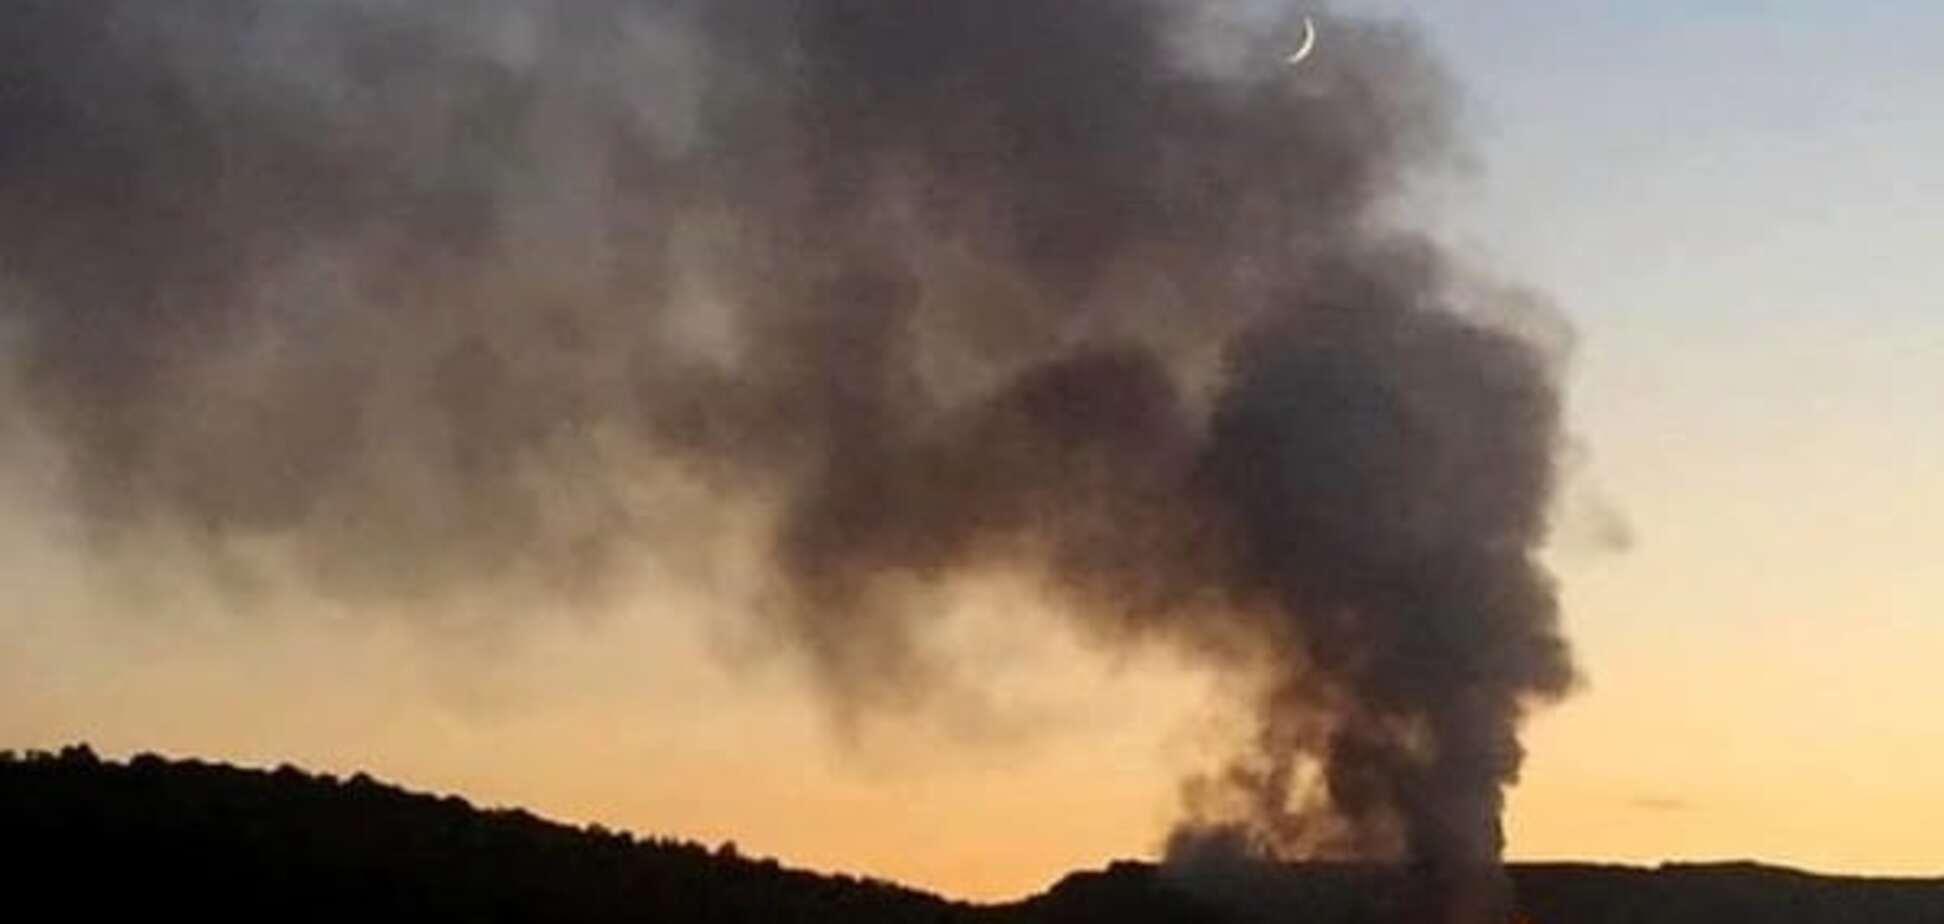 Полностью потушить пожар на свалке в Грибовичах пока невозможно - ГосЧС